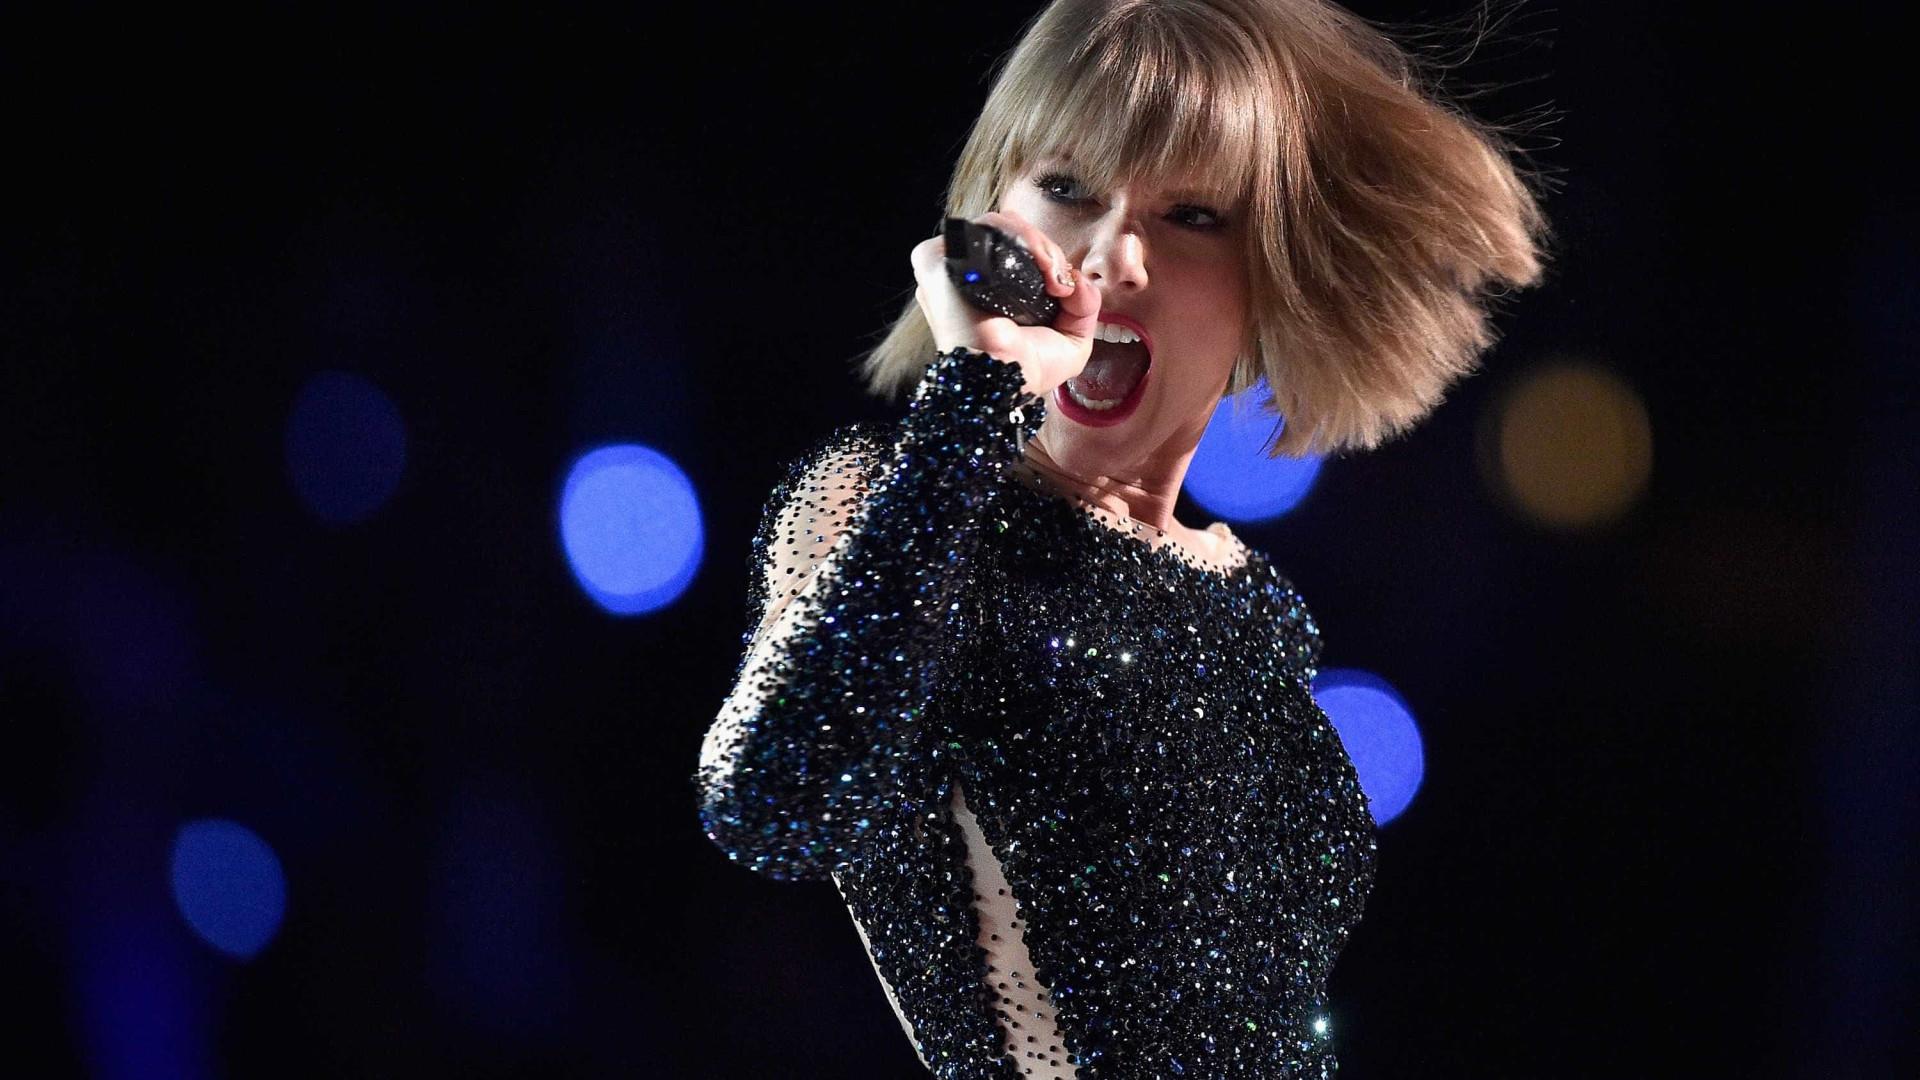 Confira detalhes do depoimento de Taylor Swiftem caso de assédio